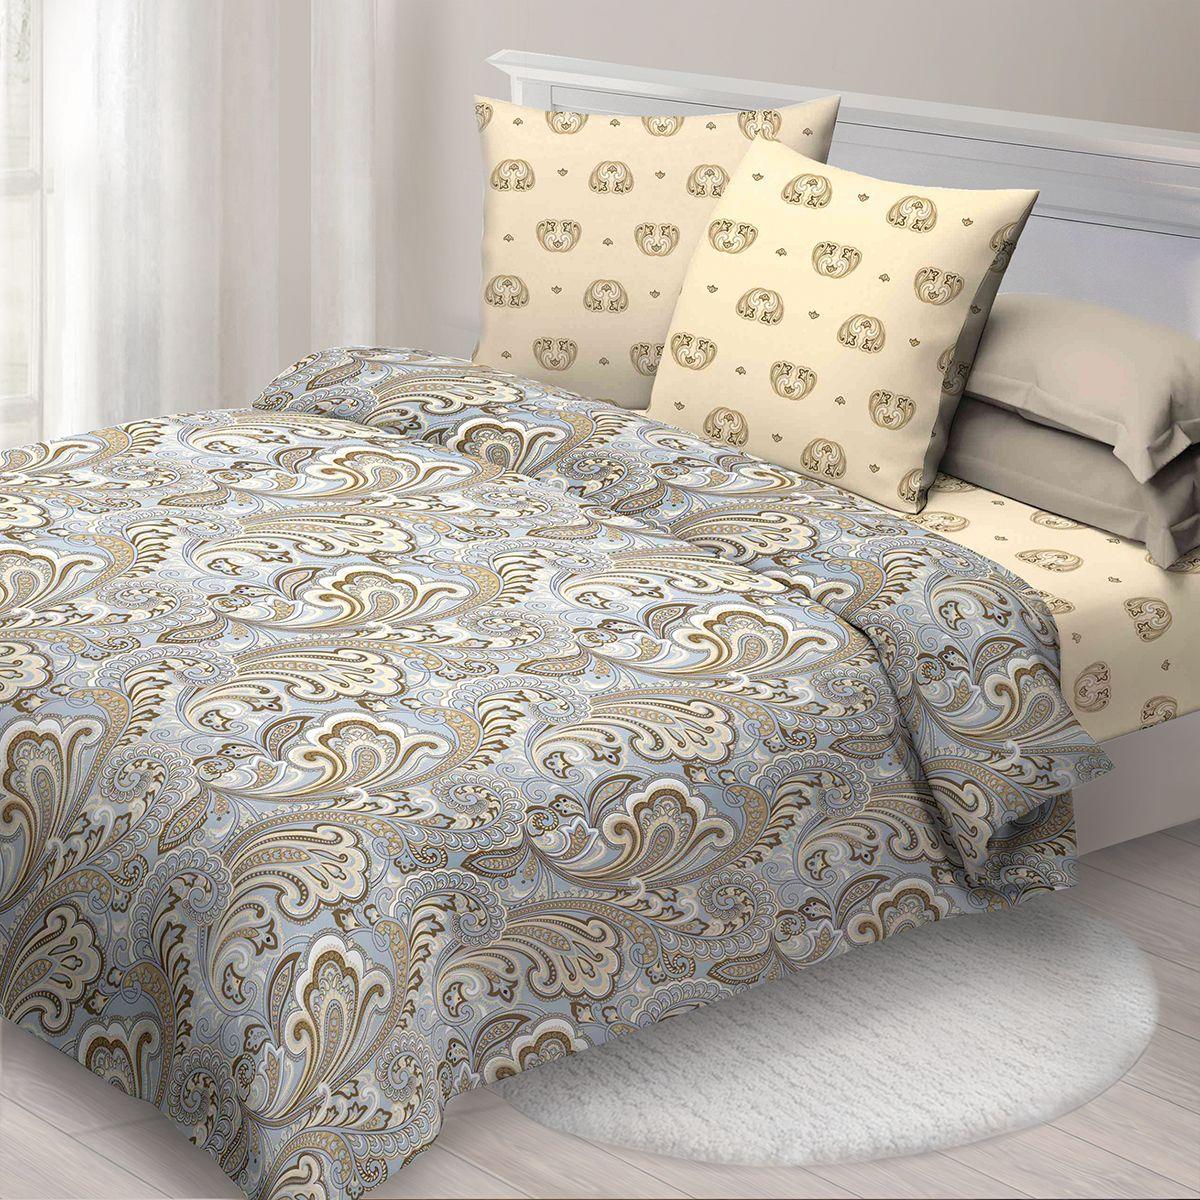 Комплект белья Спал Спалыч Тамилла, 1,5 спальное, наволочки 70x70, цвет: голубой. 3907-182441